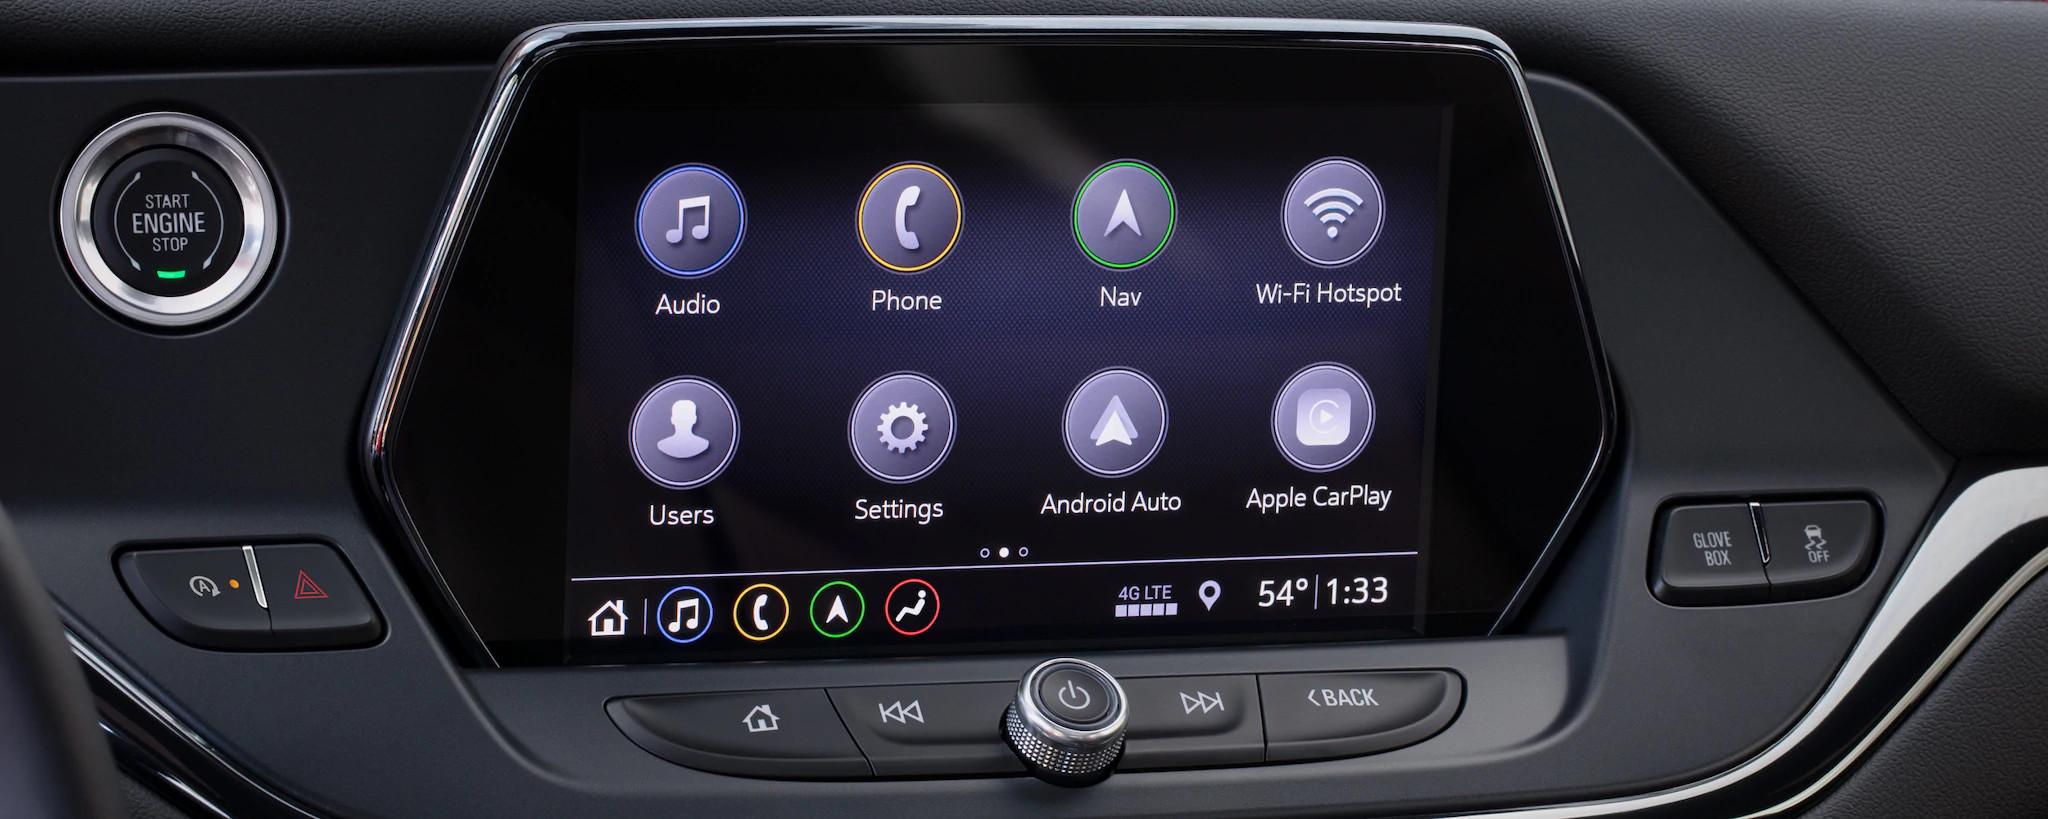 2020 Chevrolet Blazer Technology